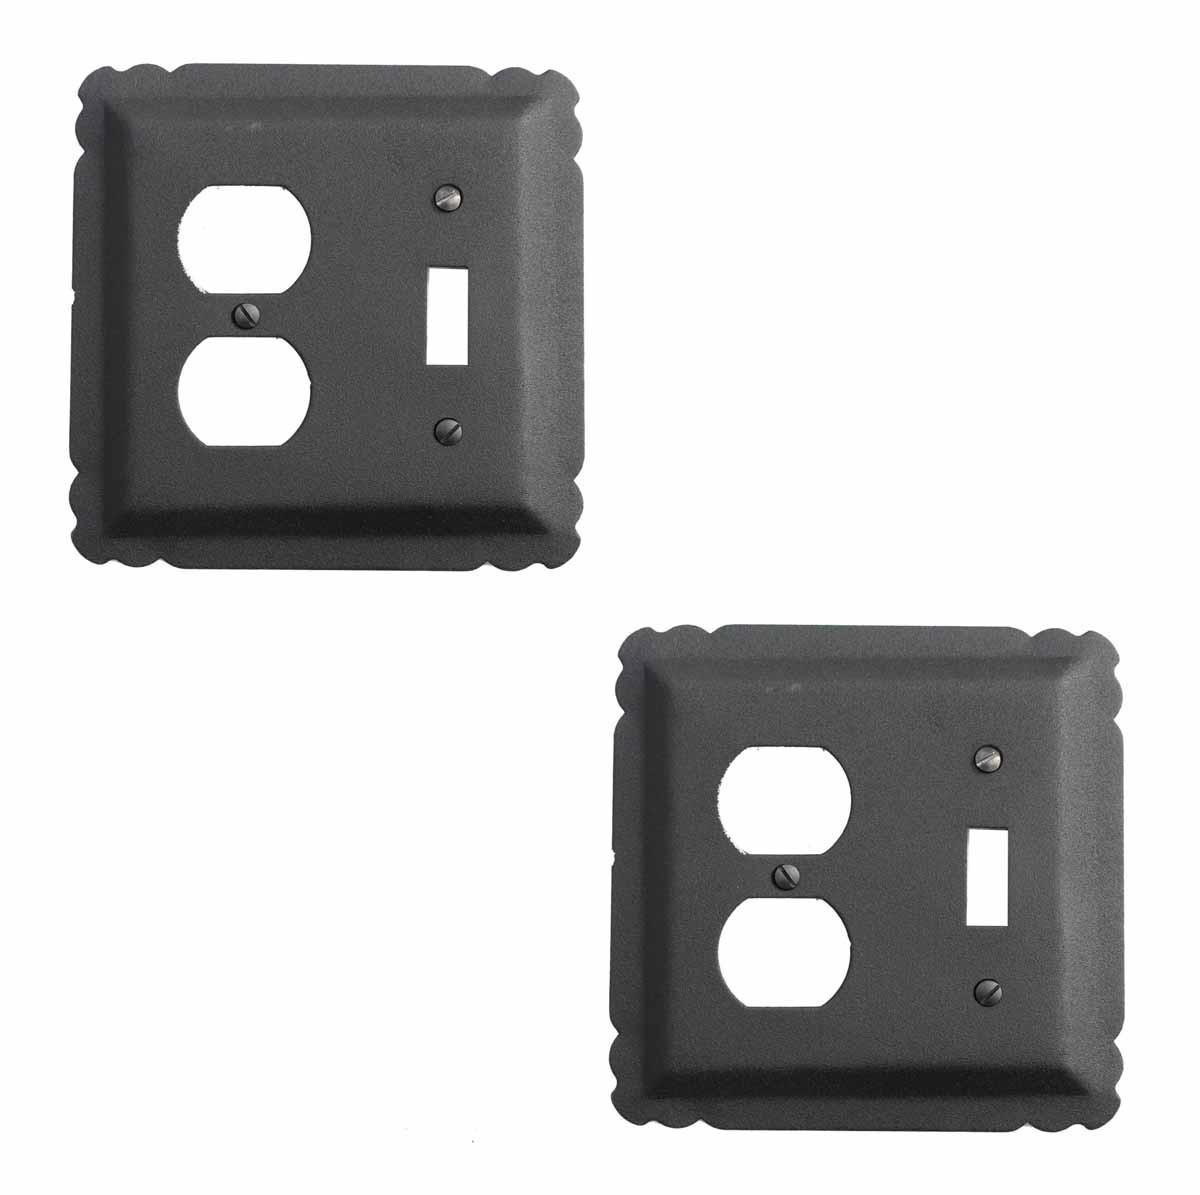 2 Switchplate Black Wrought Iron Toggle/Duplex   Renovators Supply